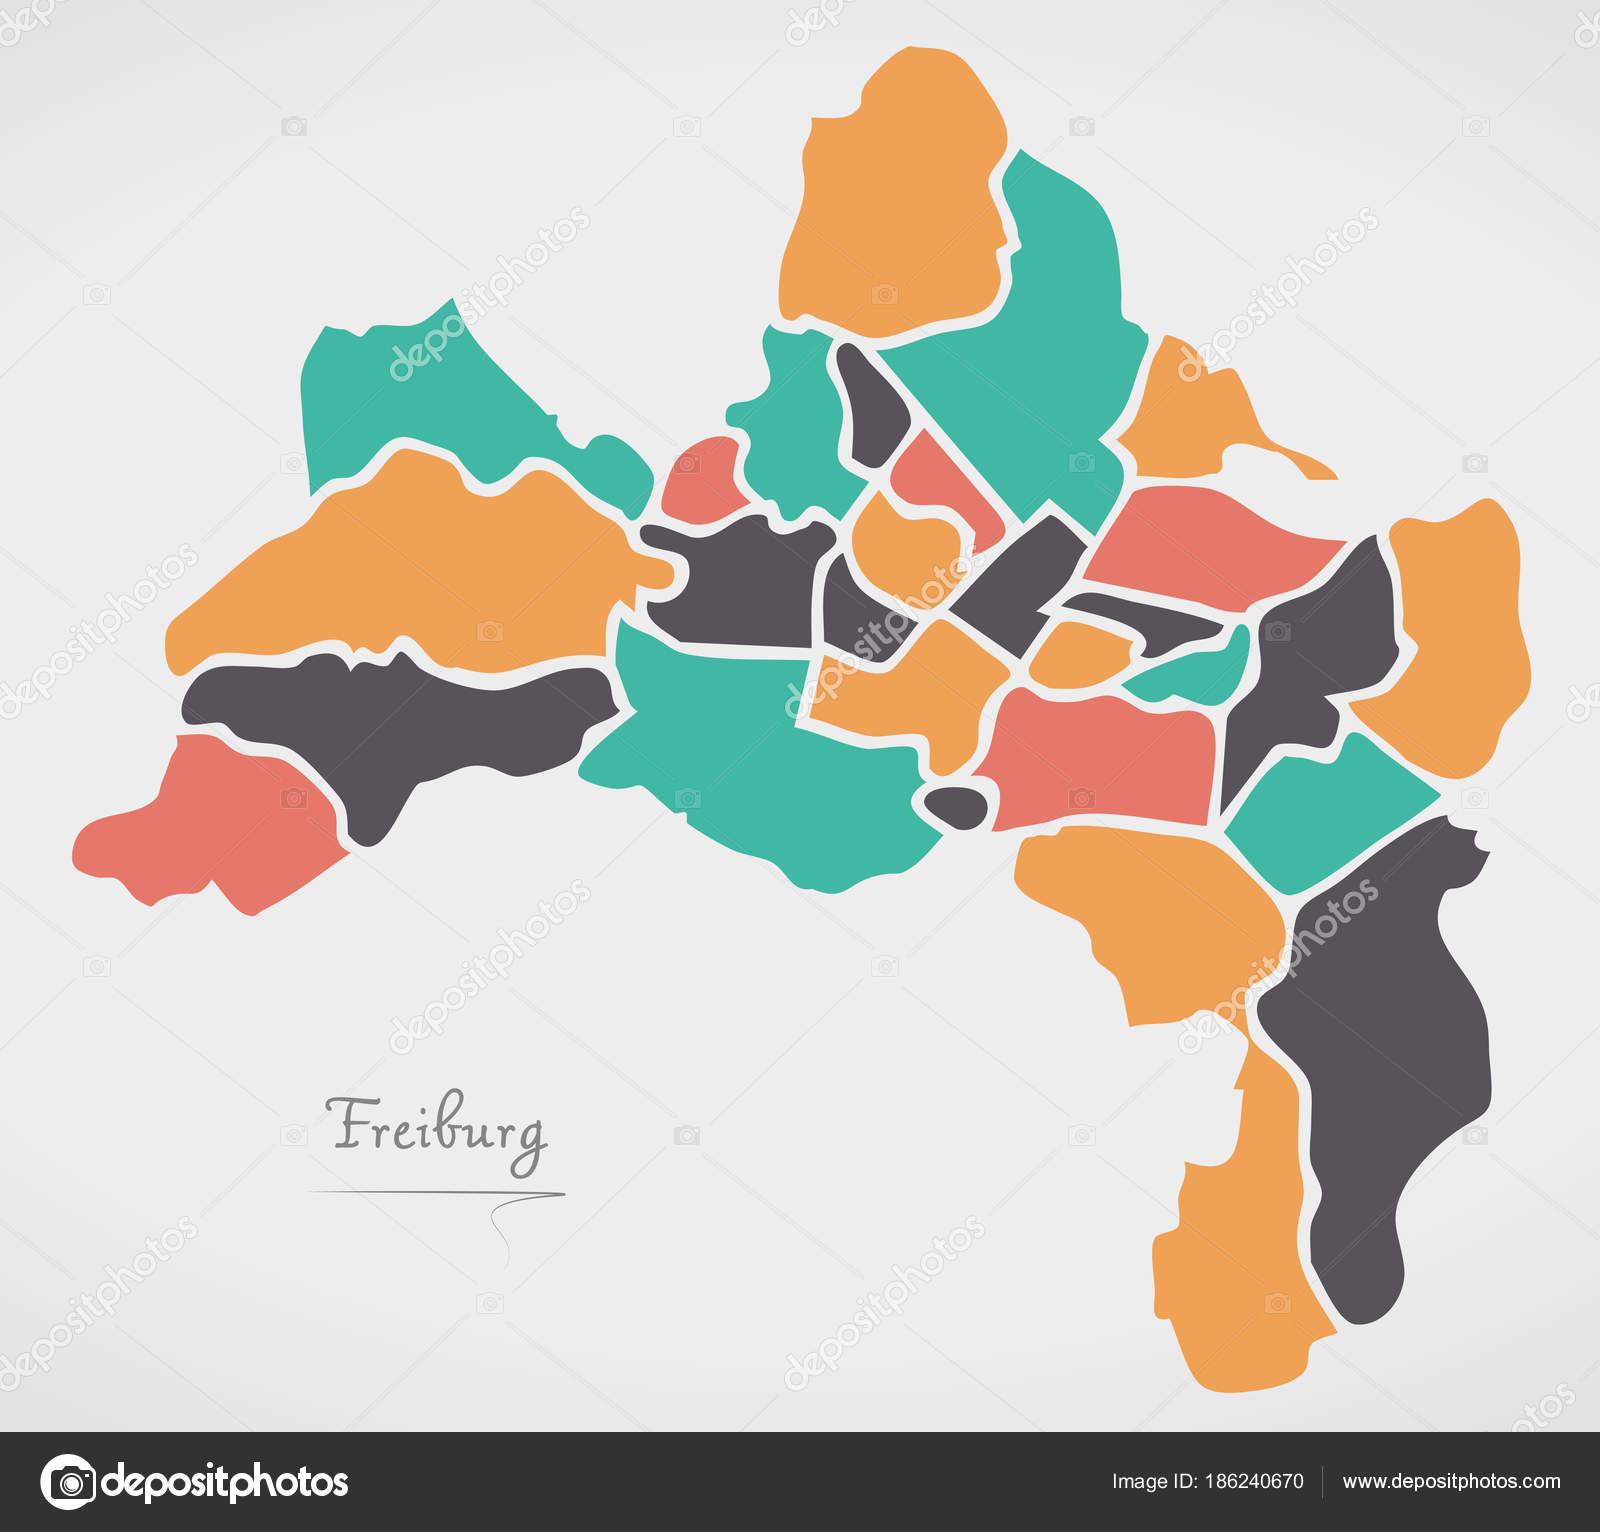 Freiburg Karte.Freiburg Karte Mit Stadtbezirken Und Moderne Runde Formen